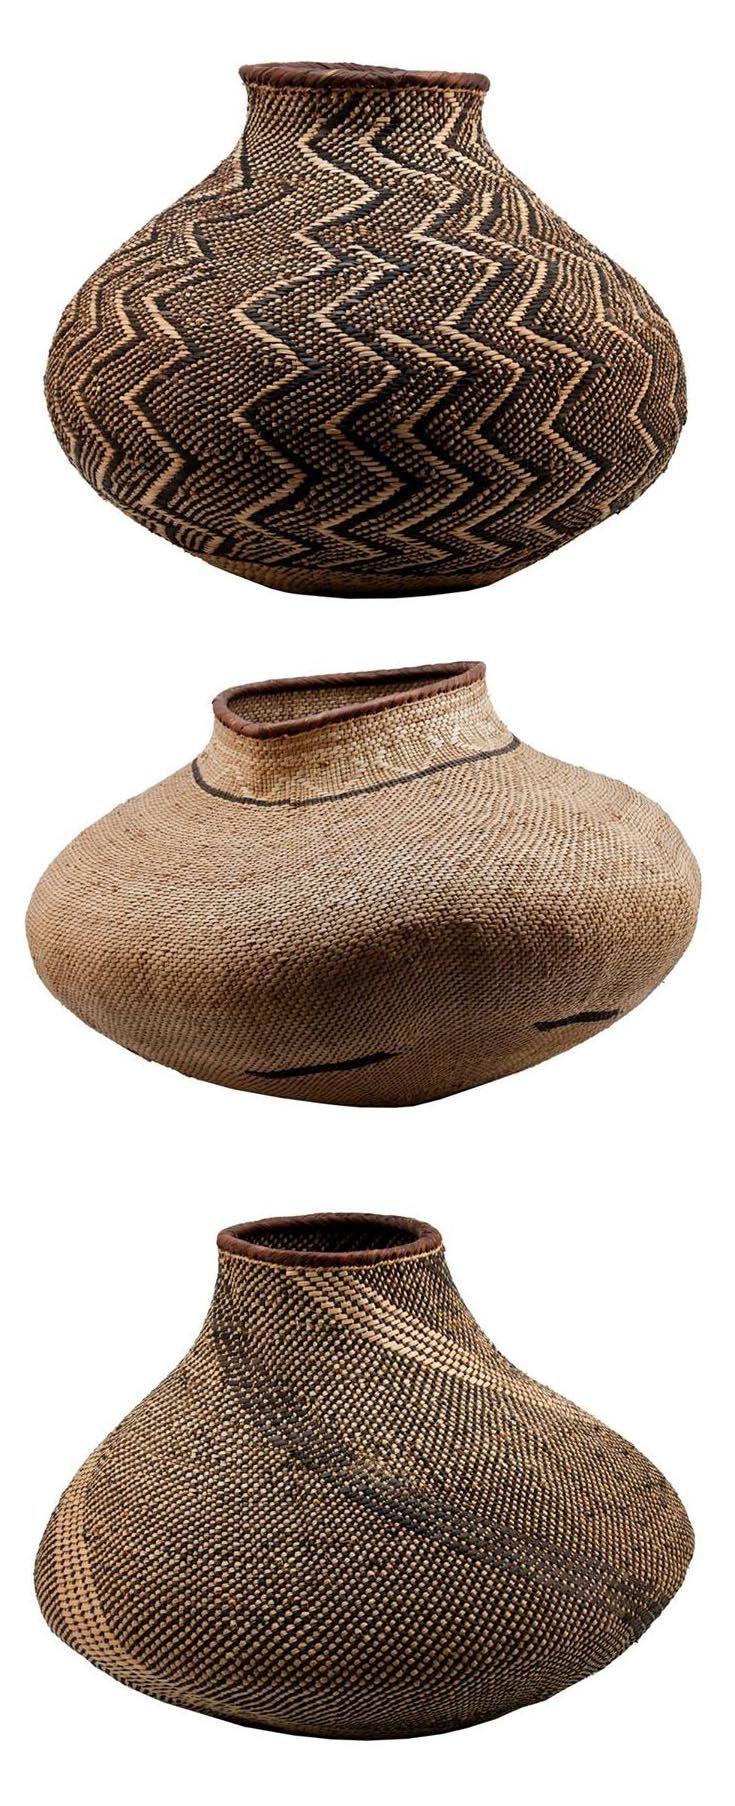 BaTonga Nongo (pot) baskets, Zimbabwe